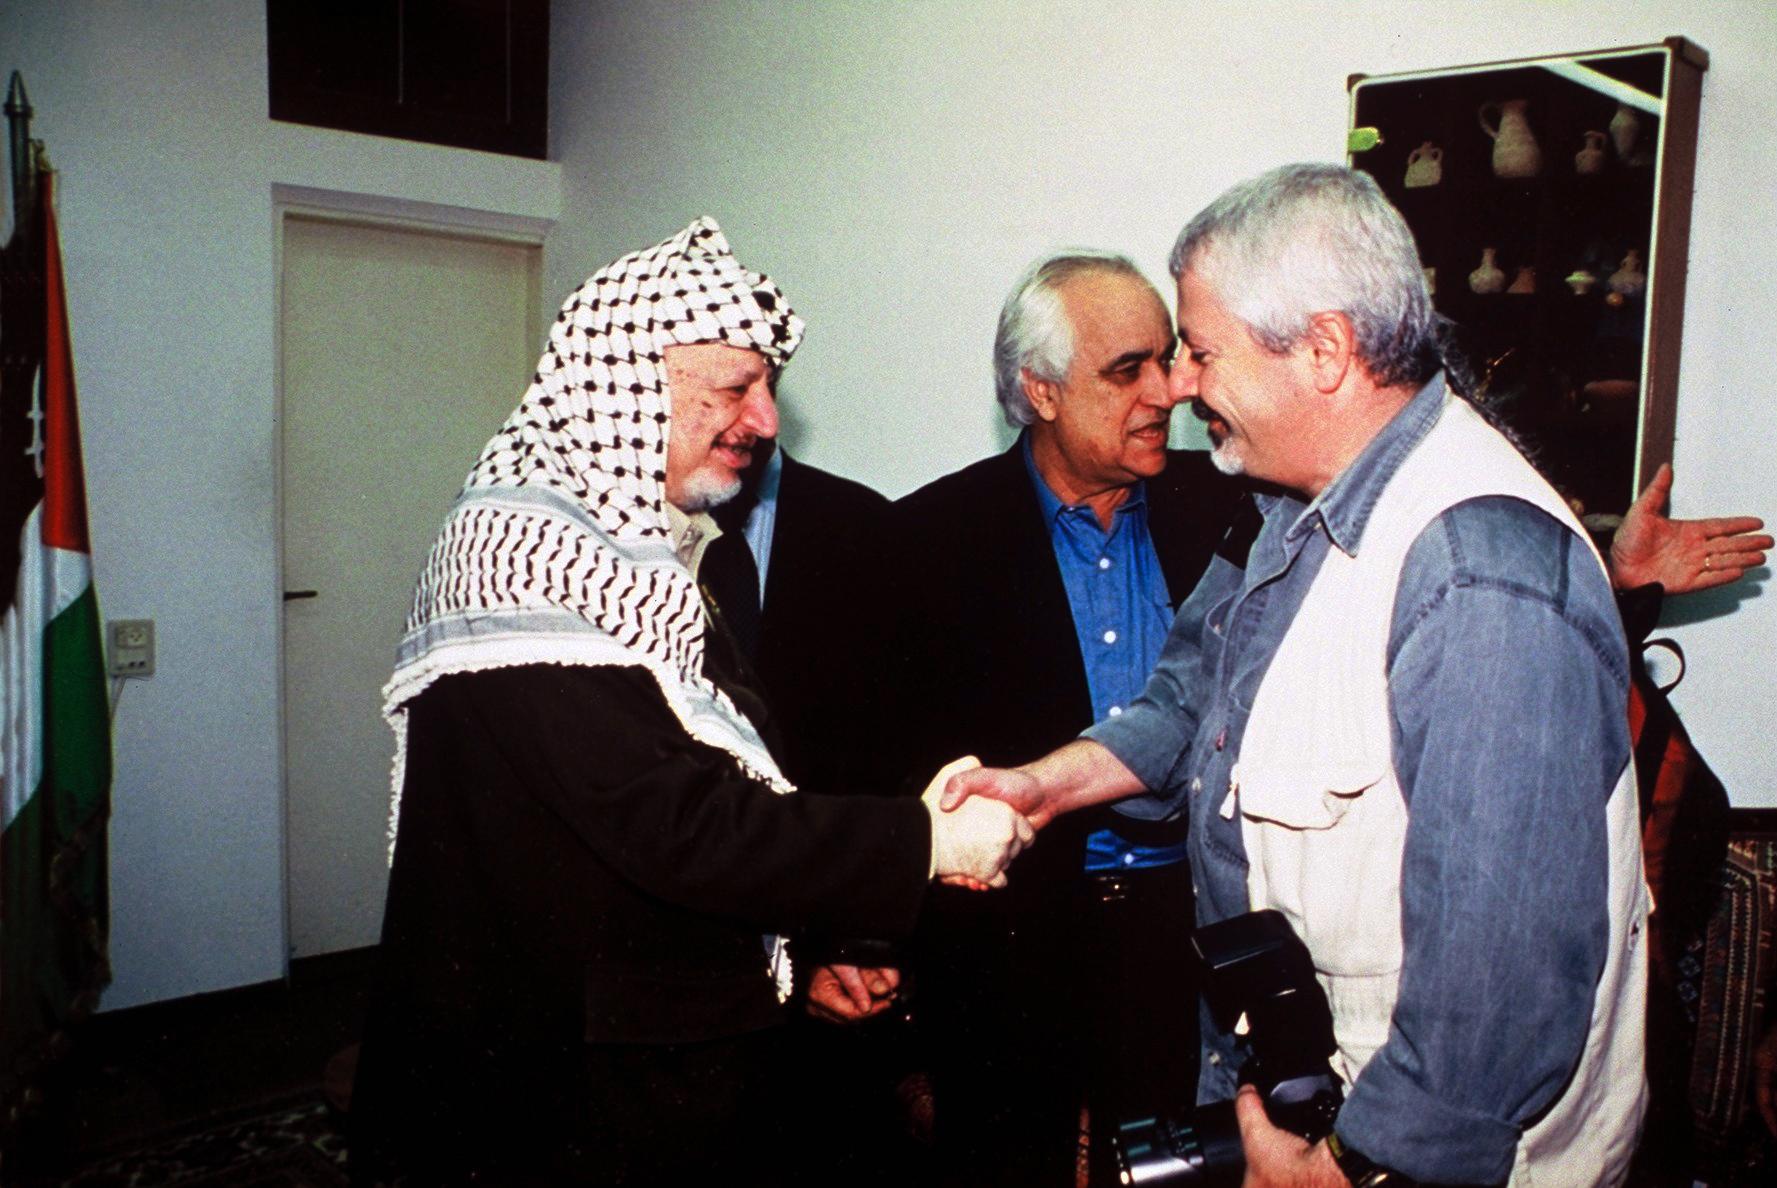 עזה 2000- יואל שתרוג - אדמה יוצרת Yasser Arafat - gaza 2000- yoel sitruk